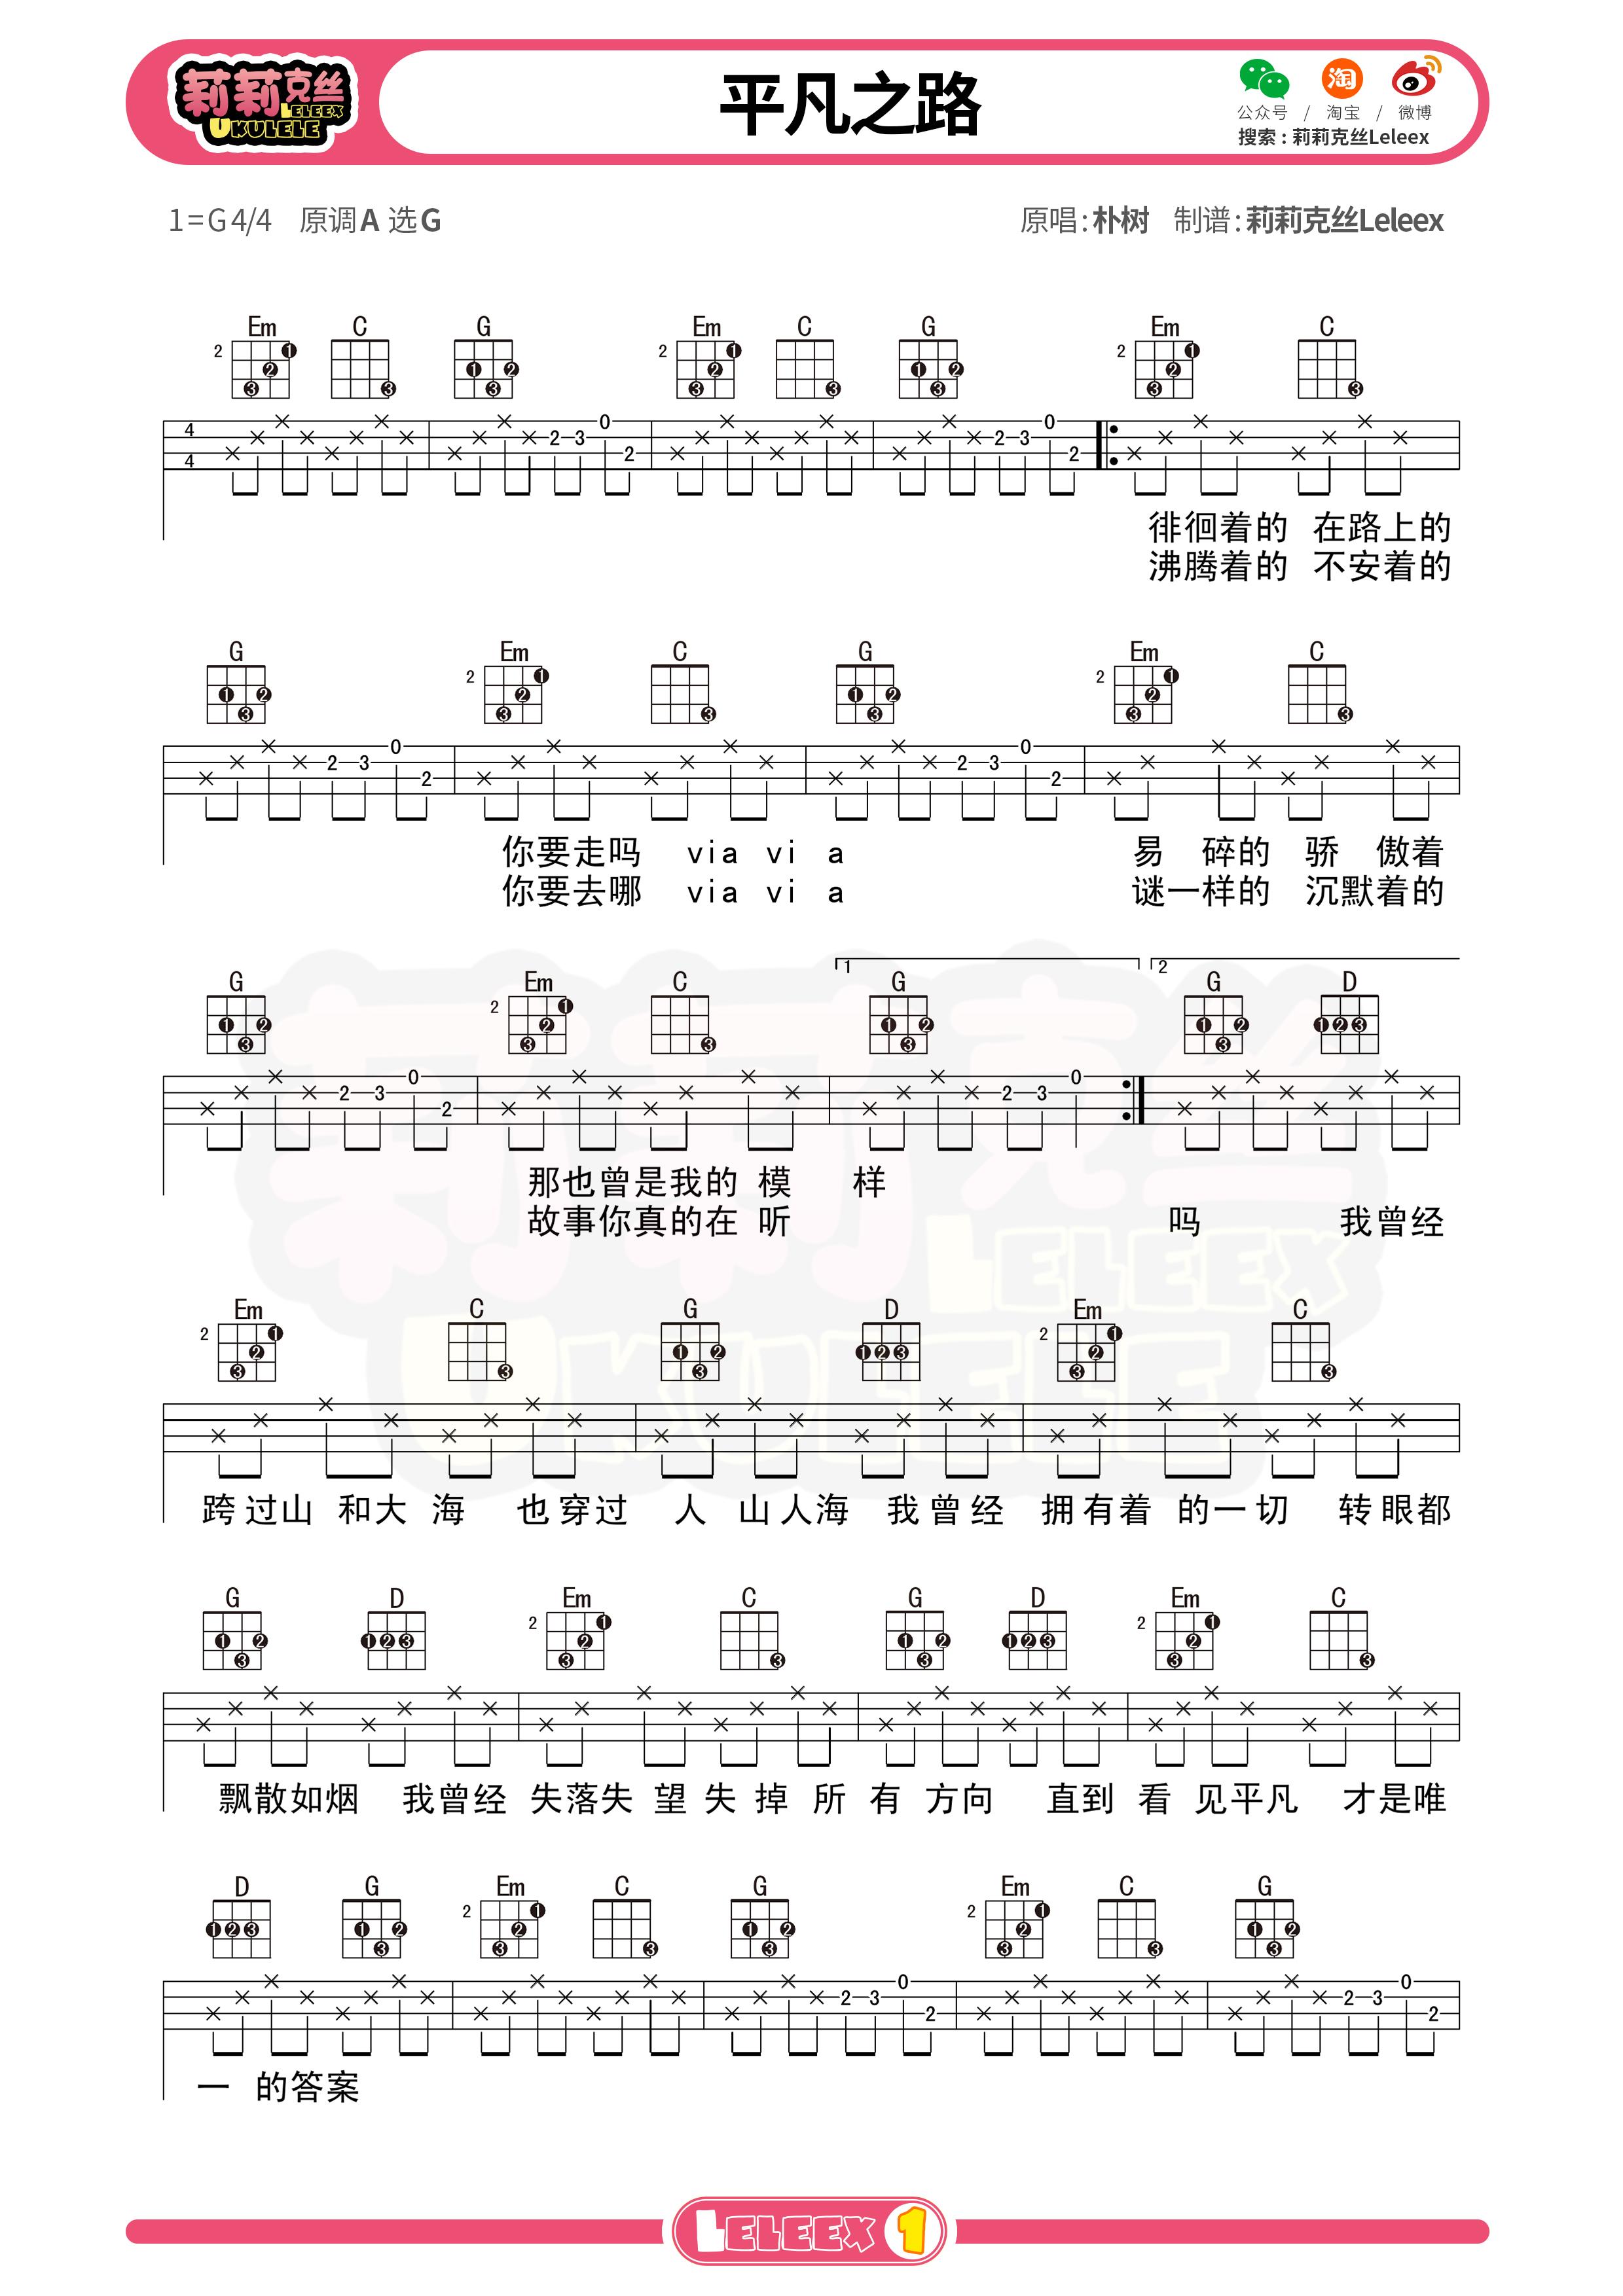 《平凡之路》尤克里里谱-朴树 莉莉克丝Leleex-C大调音乐网